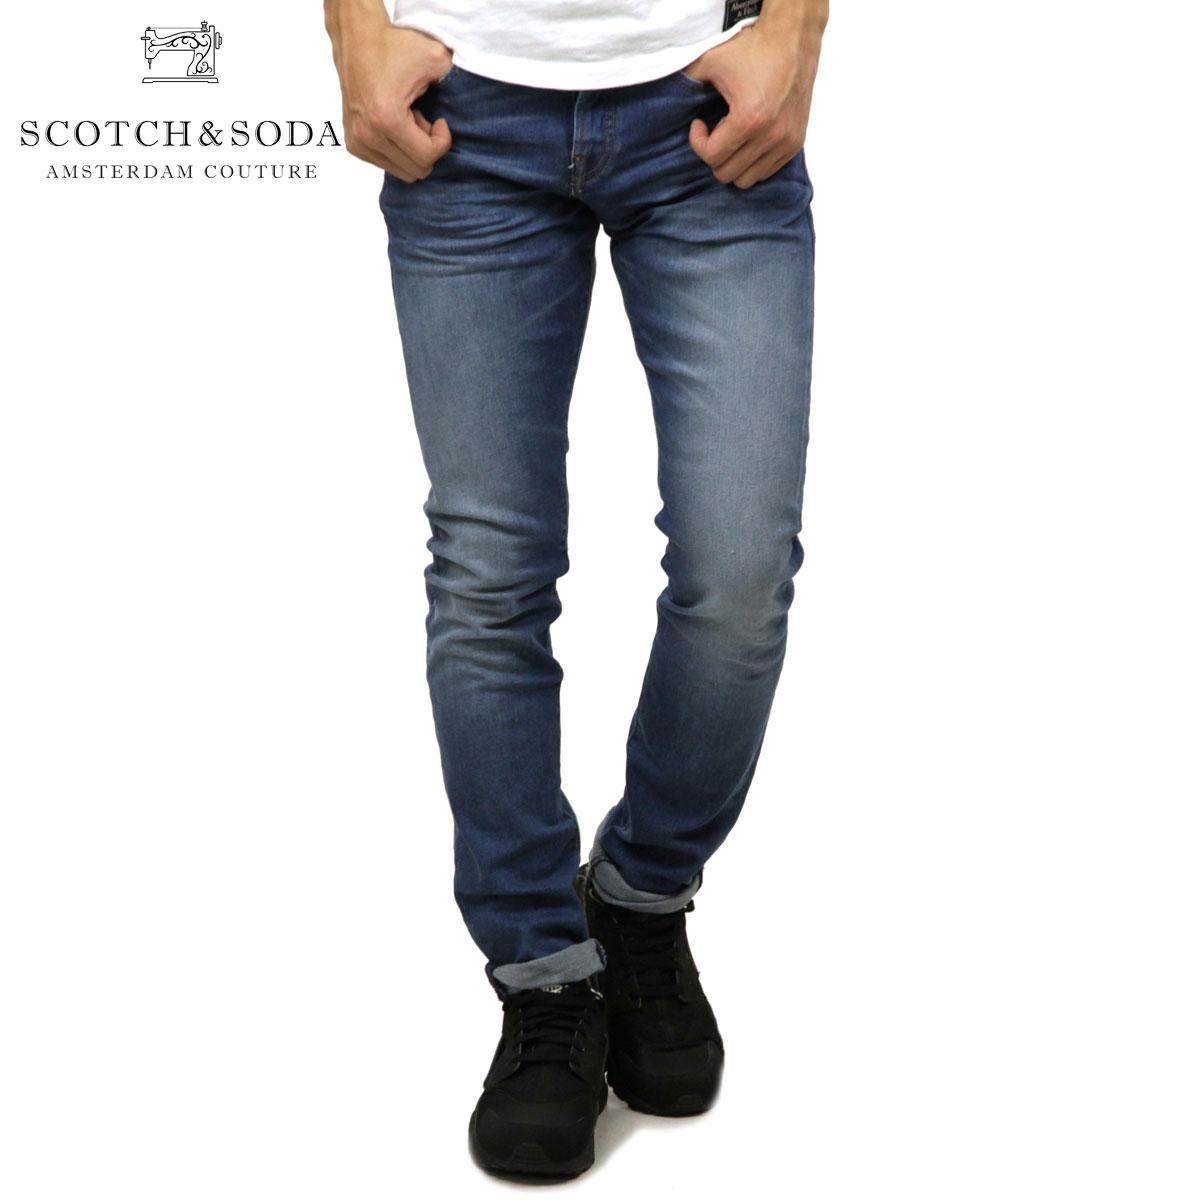 スコッチアンドソーダ SCOTCH&SODA 正規販売店 メンズ スリムデニムパンツ RALSTON SLIM BLUE ROOTS DENIM JEANS 147411 68 65519 BLUE ROOTS D